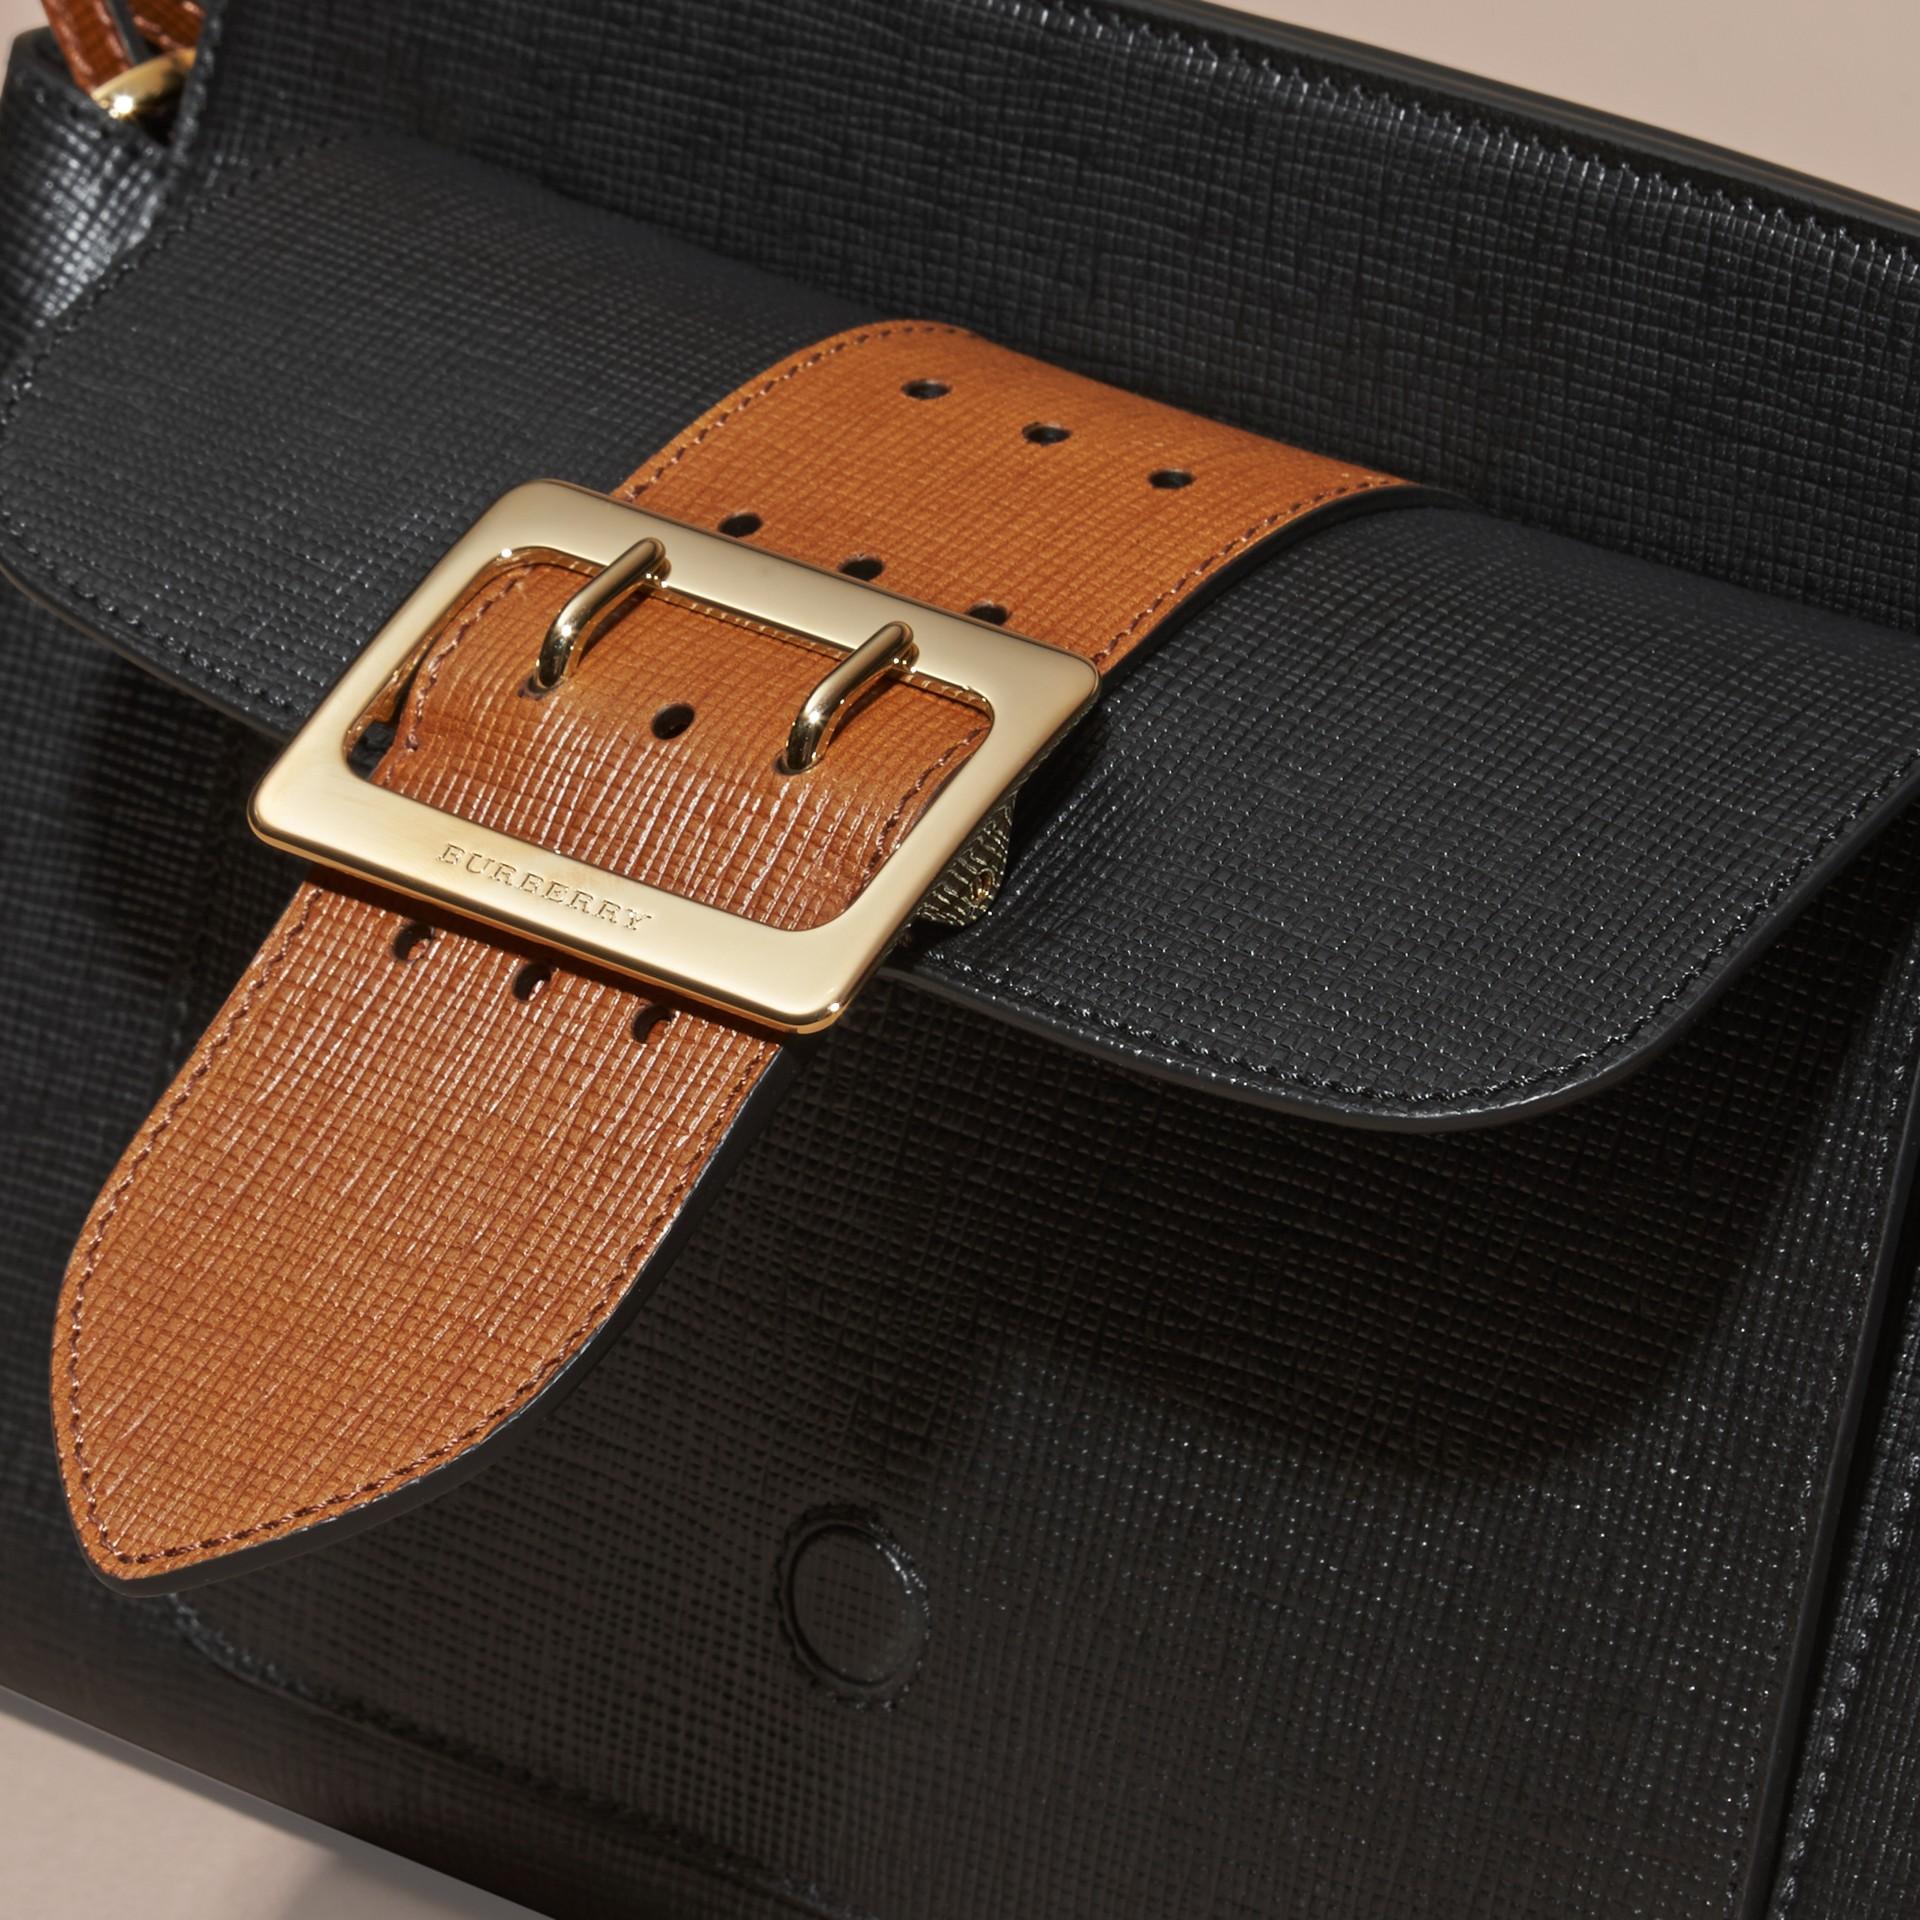 Nero Pochette The Saddle in pelle doppiata effetto texture - immagine della galleria 7